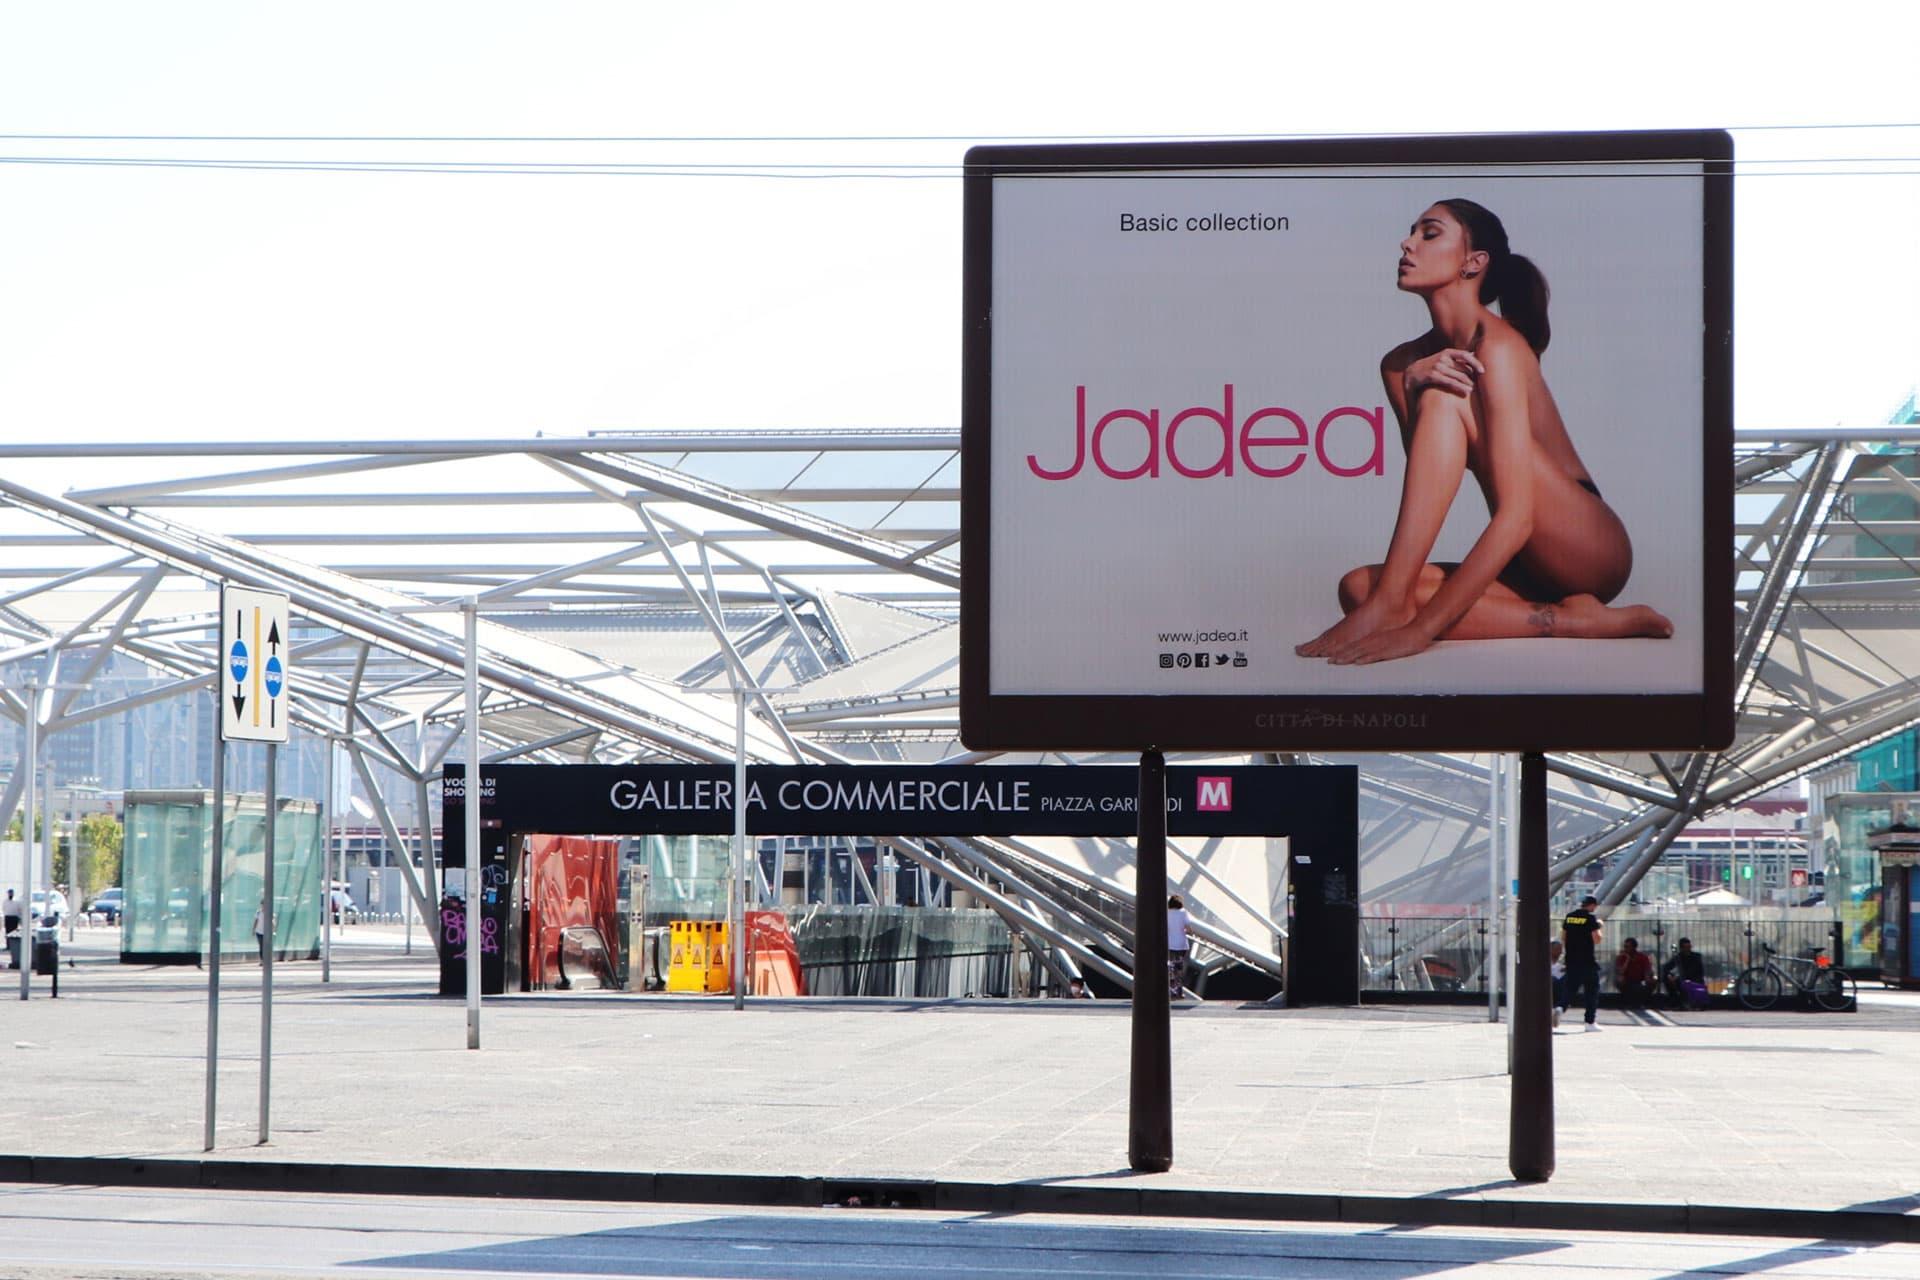 Jadea - Femminilità e sensualità social